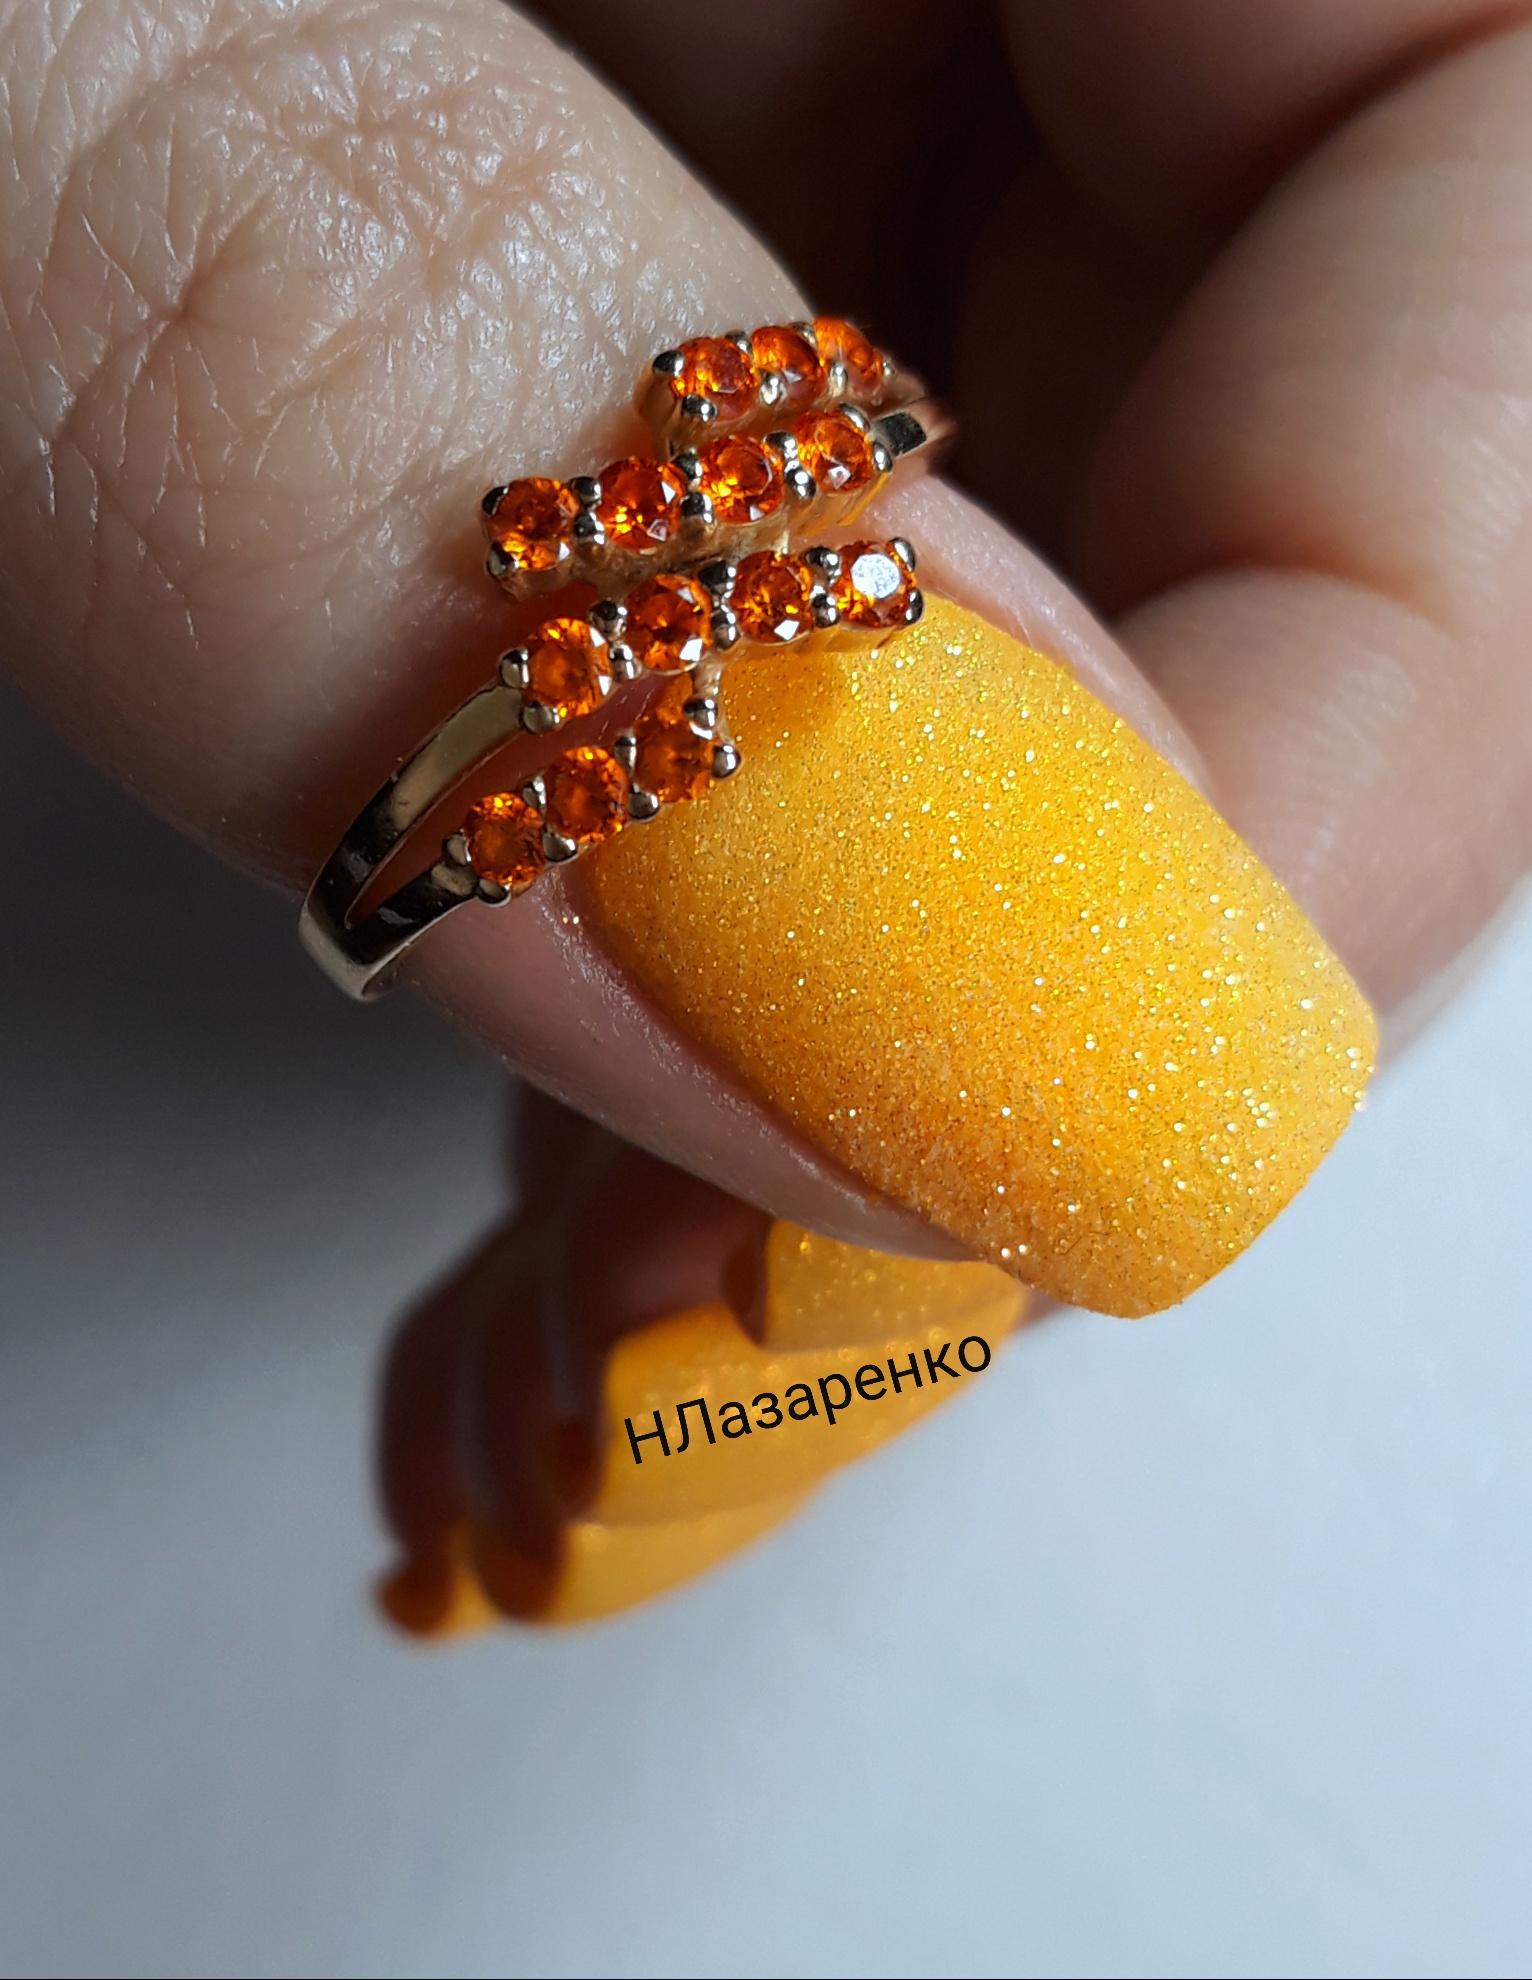 Песочный маникюр в желтом цвете на короткие ногти.